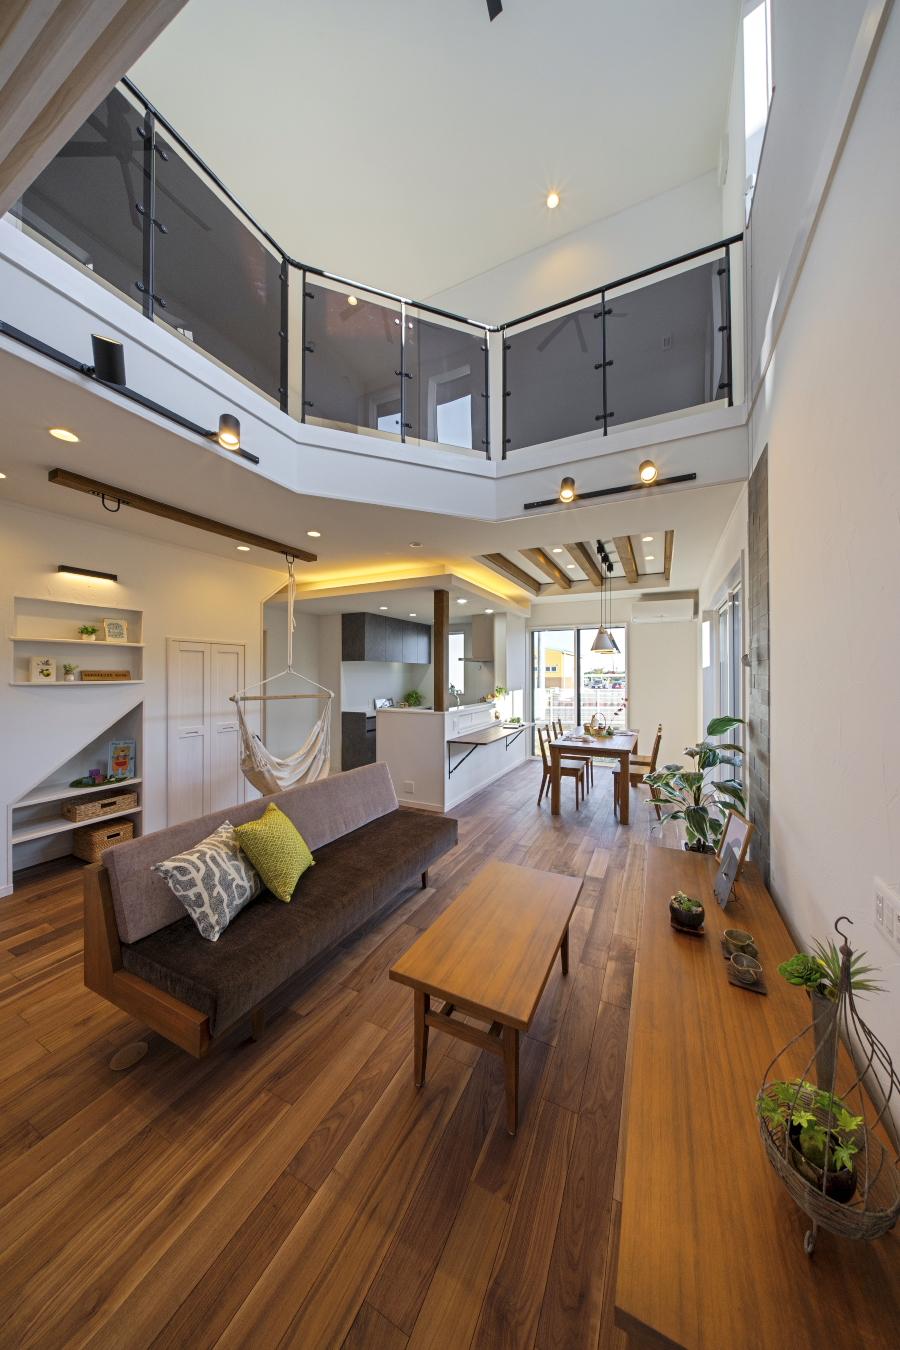 大空間吹き抜け/デザイン天井/間接照明で柔らかくスタイリッシュな自然素材の家